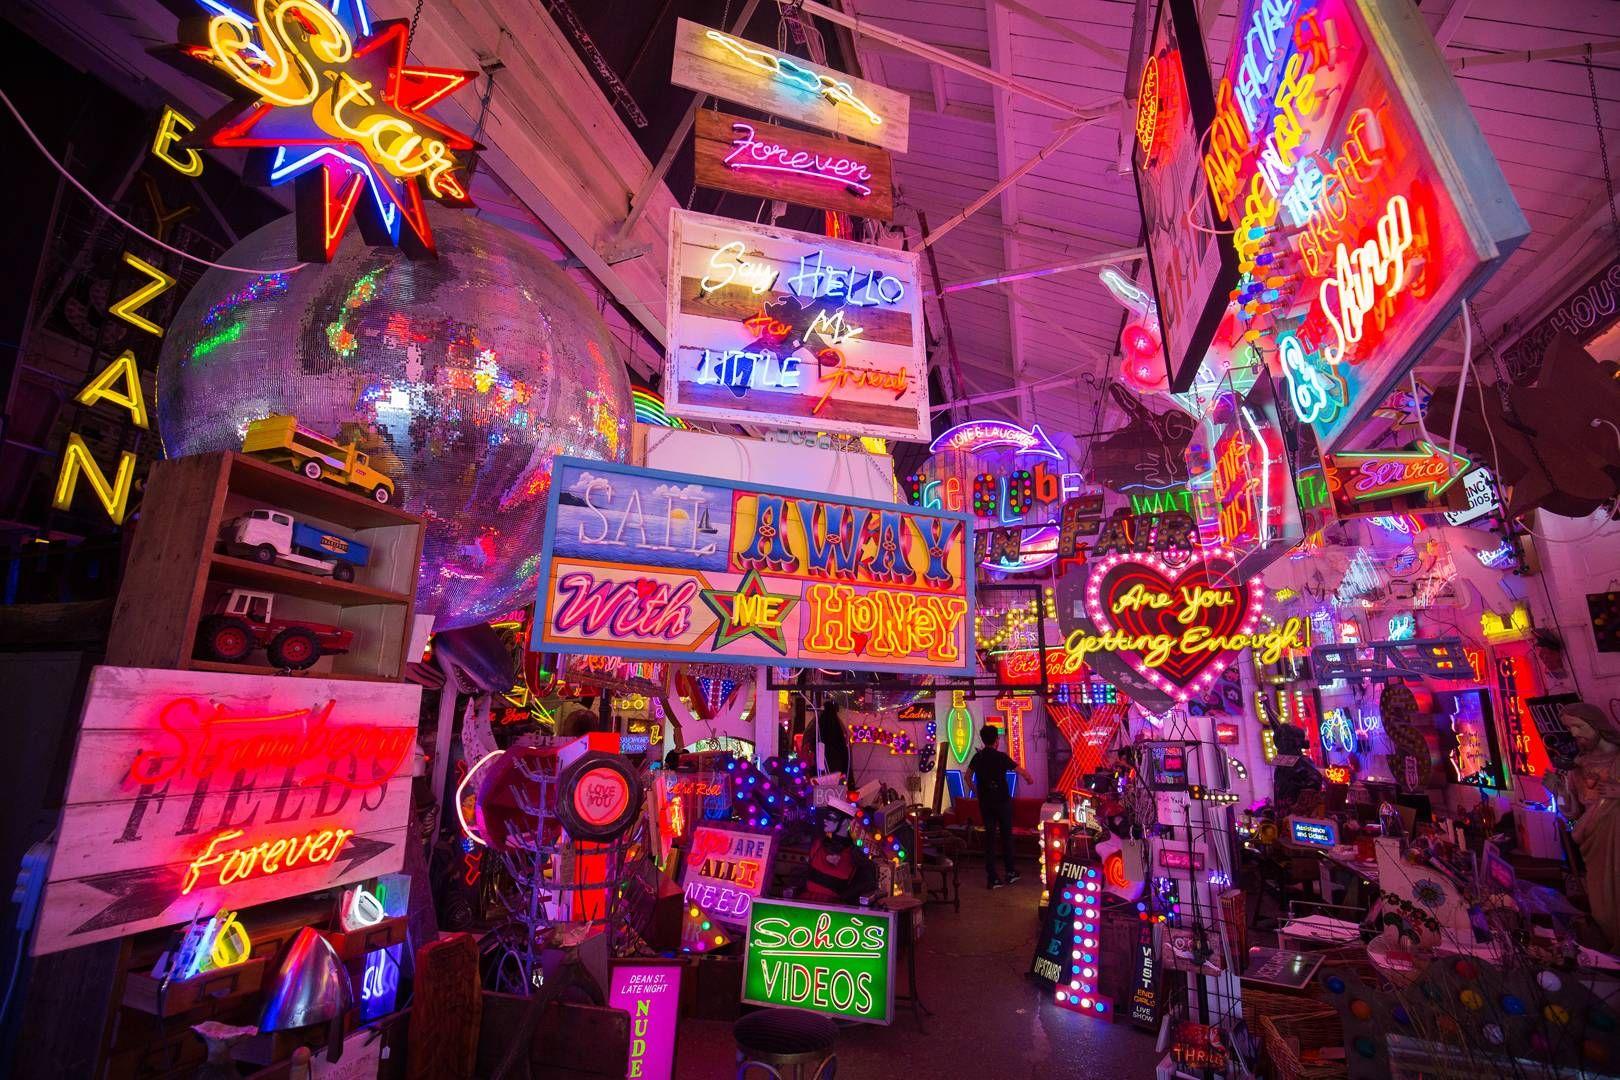 30 free london activities london activities neon light